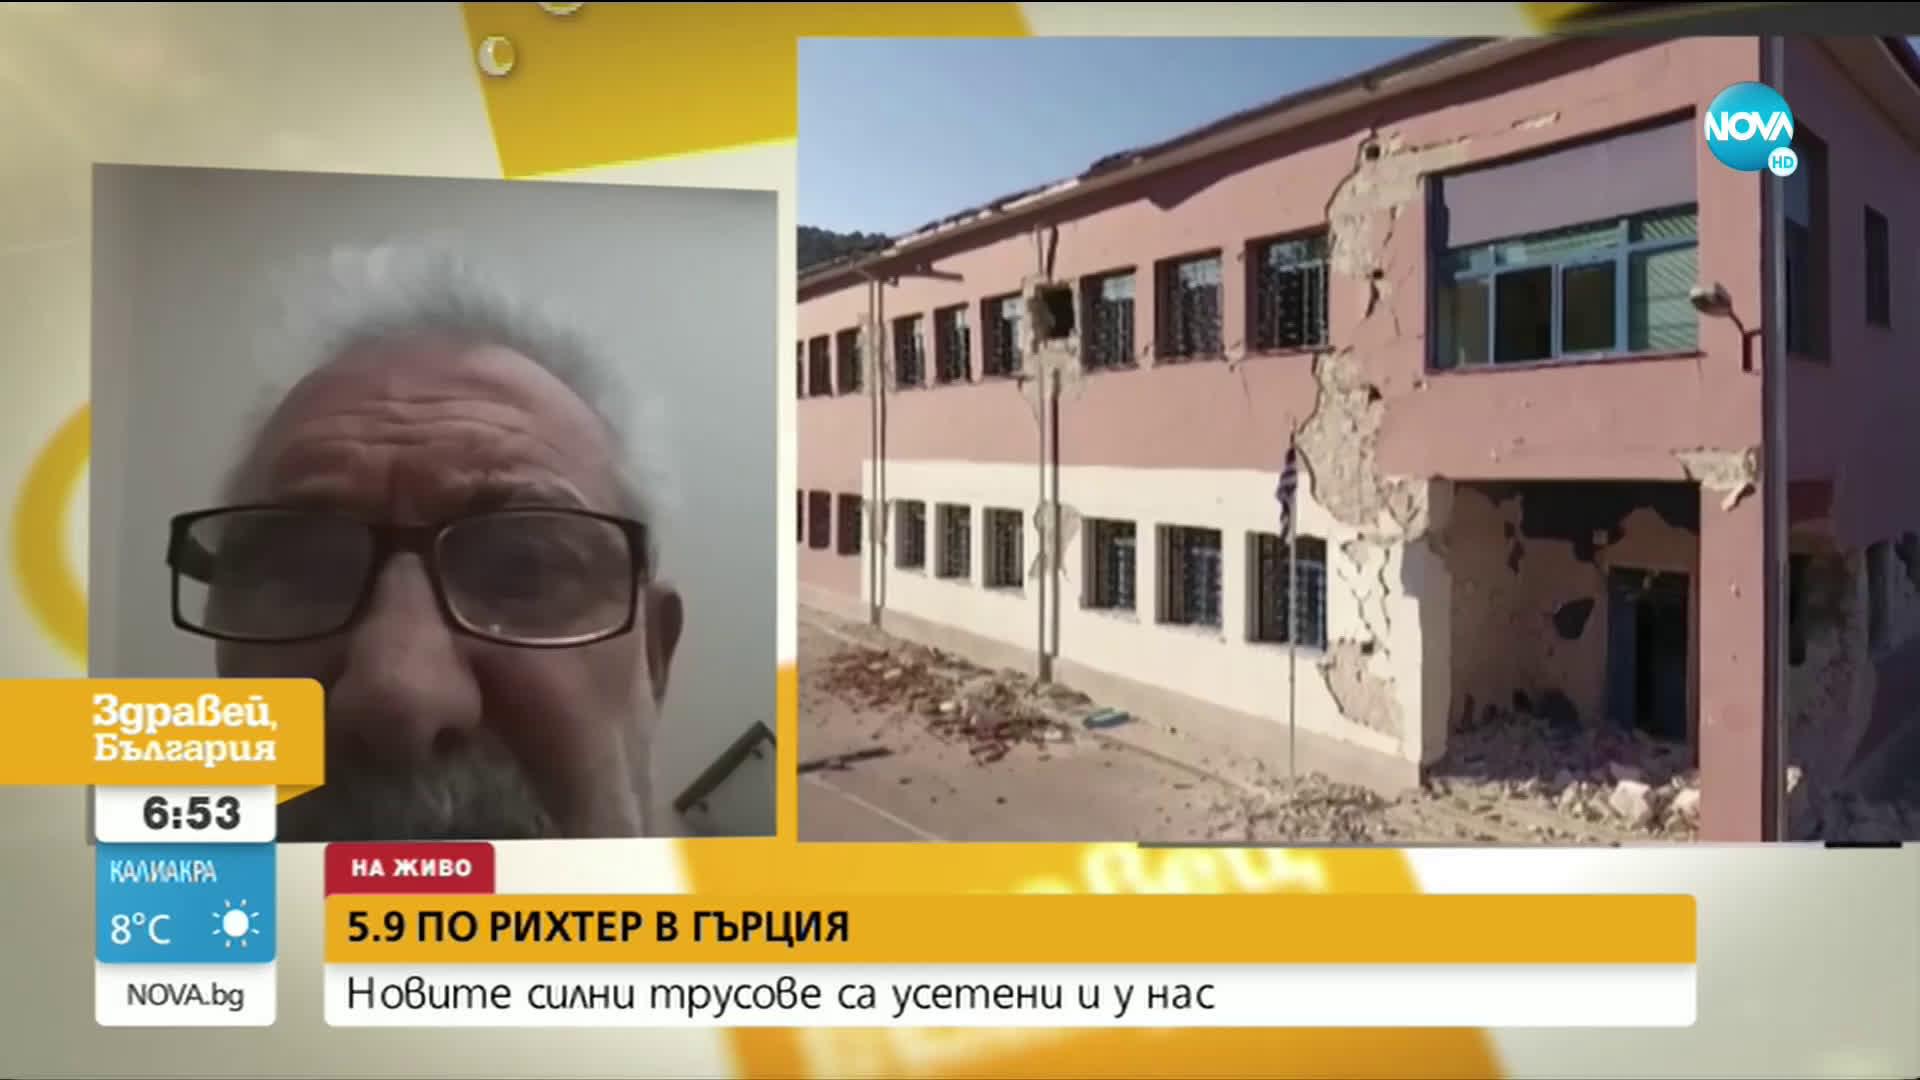 Сеизмолог: Земетресенията в Гърция ще продължат поне 2-3 месеца